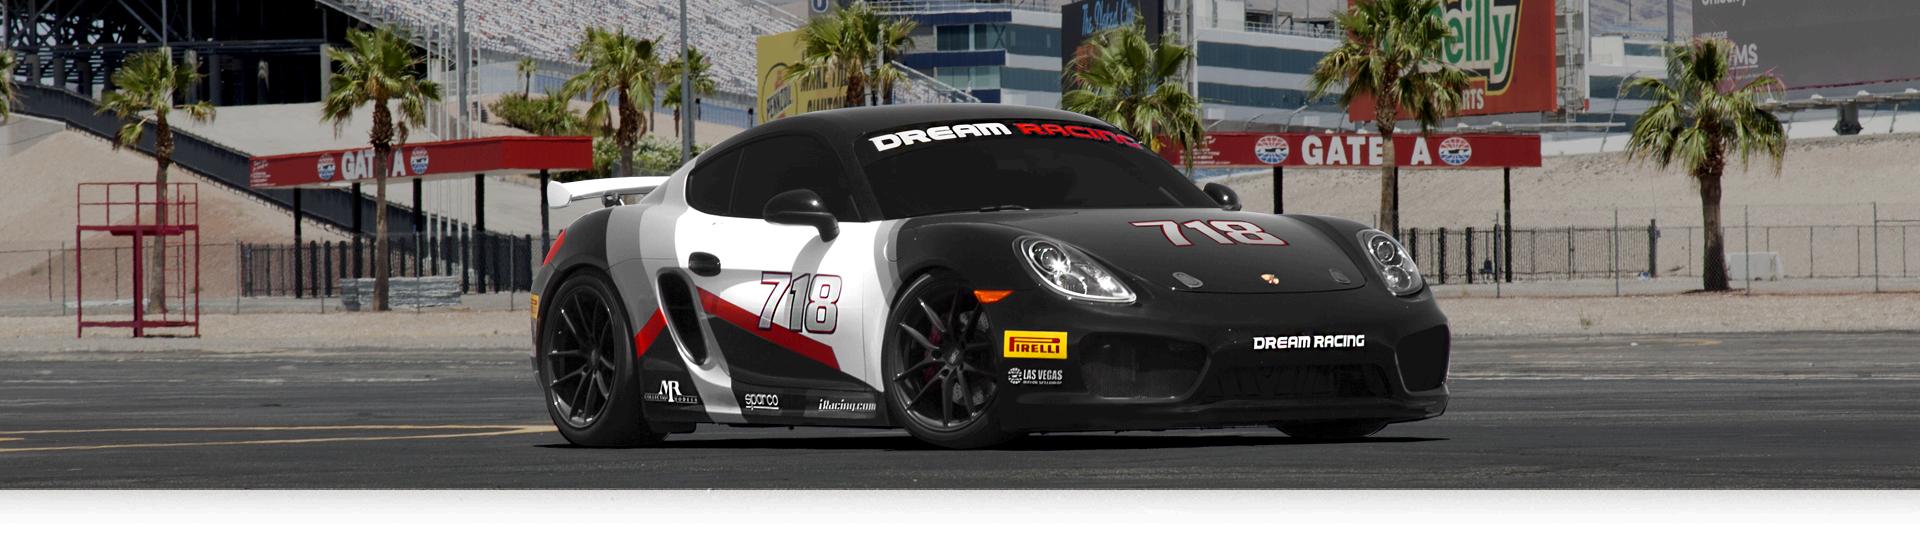 Porsche Las Vegas >> The Porsche Cayman Gt Dream Racing